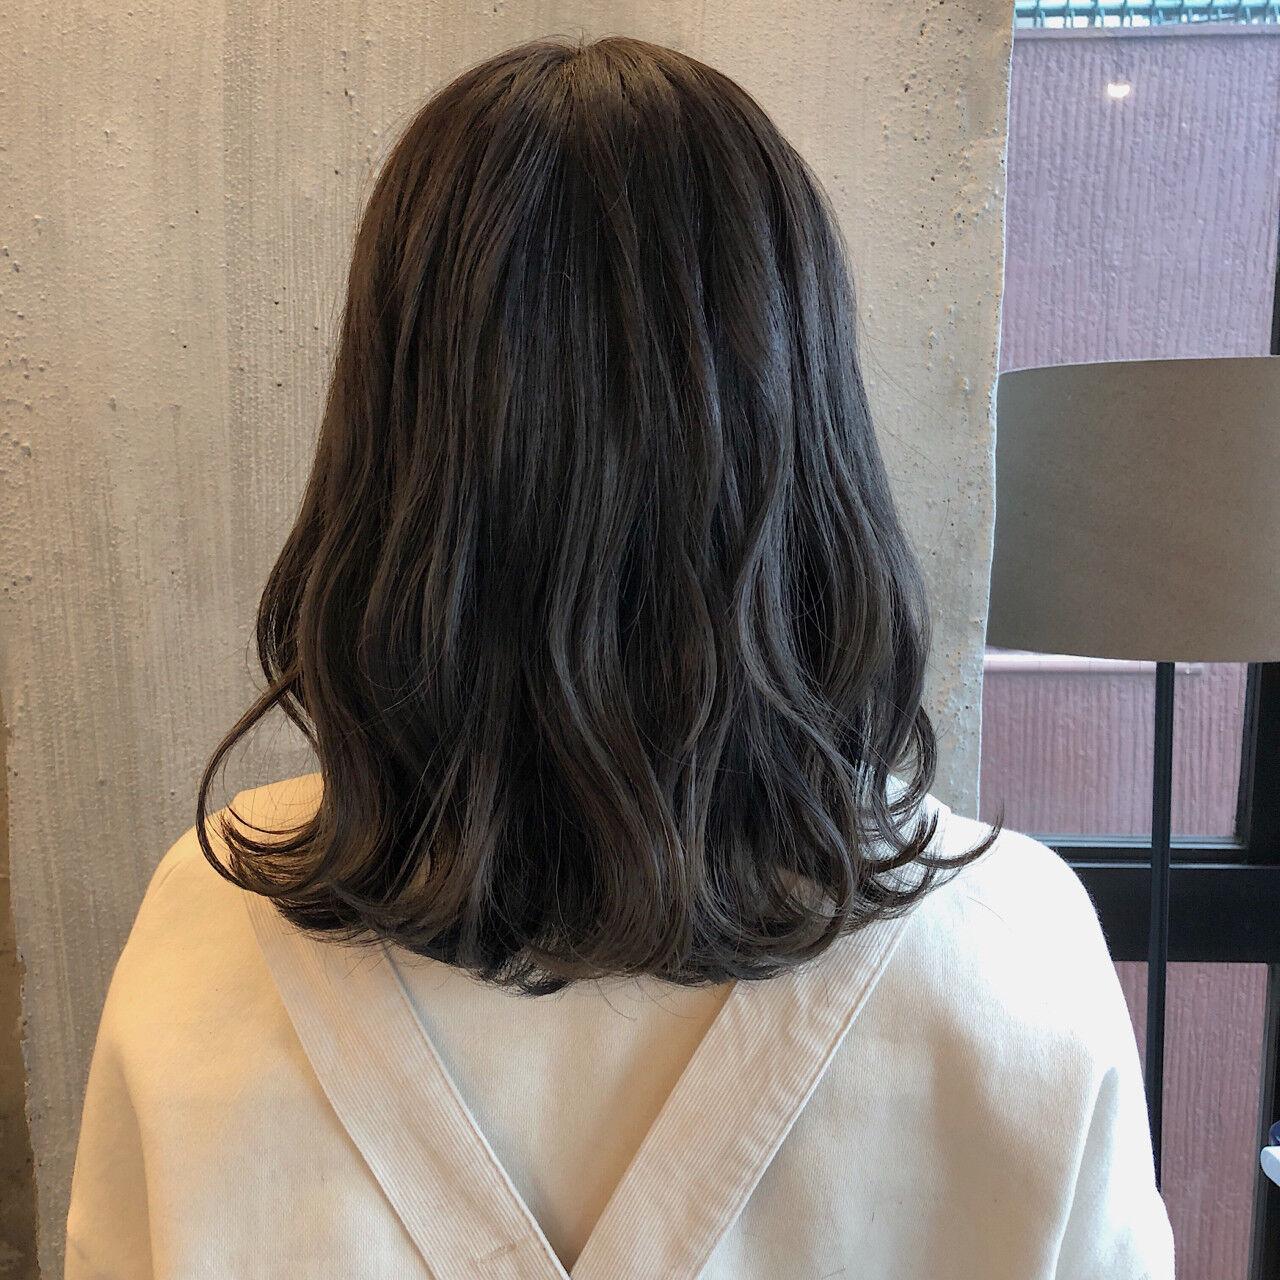 ミディアム 暗髪 ロブ ナチュラルヘアスタイルや髪型の写真・画像